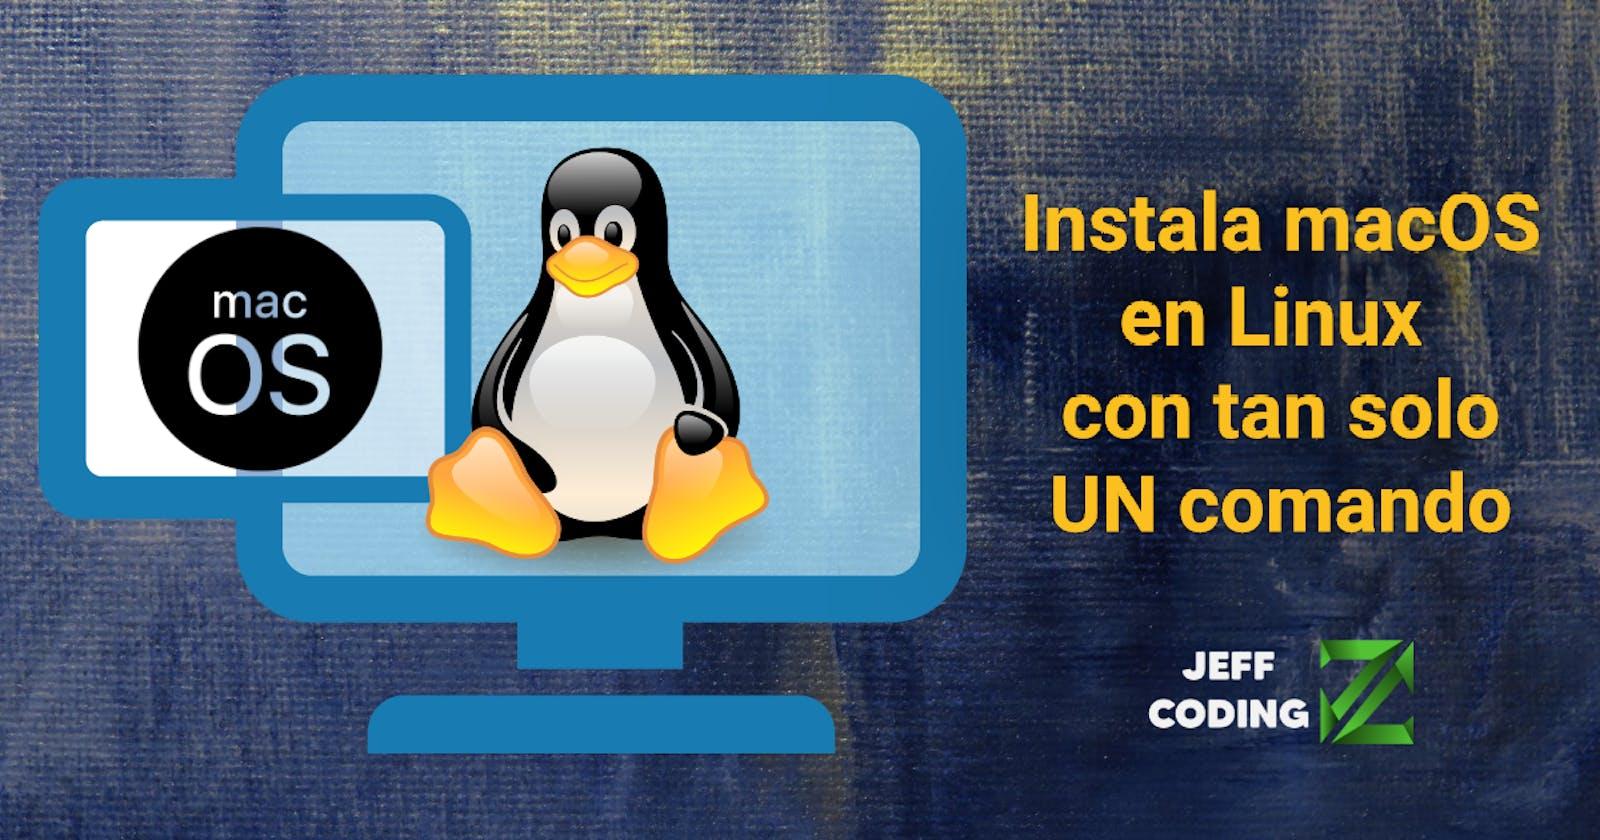 Virtualiza macOS con tan solo un comando | Linux